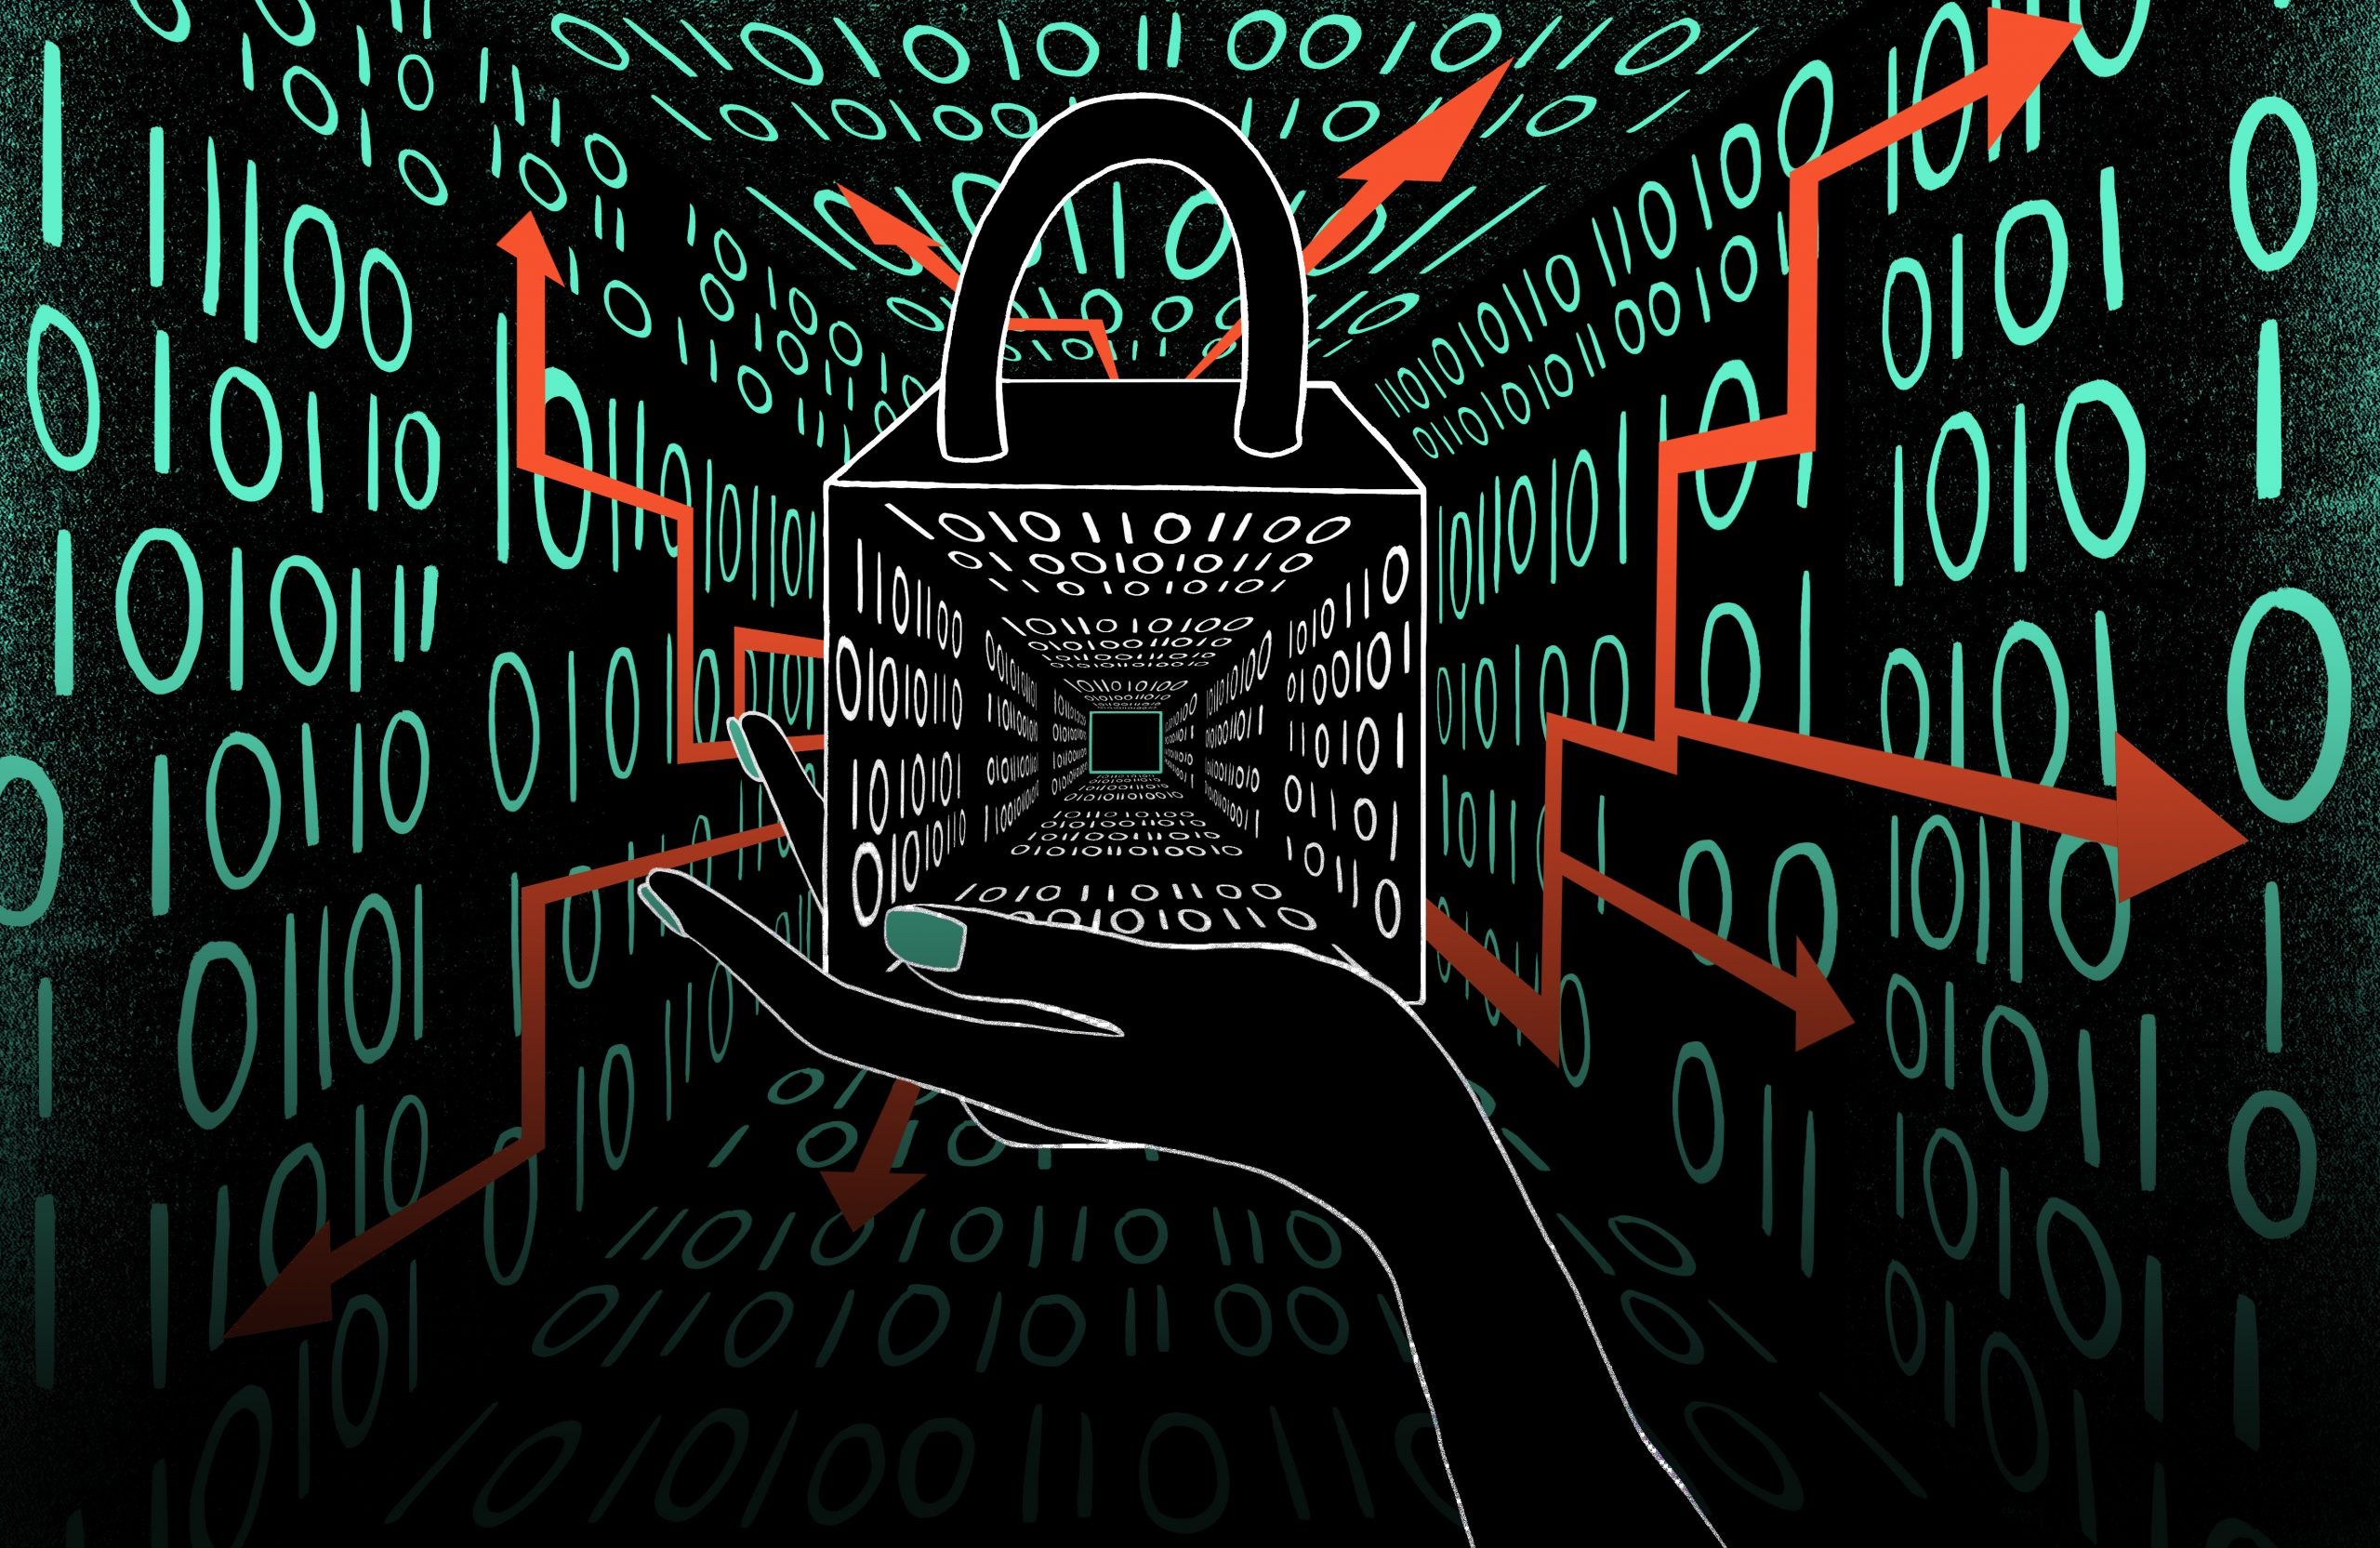 「データ信託」はプライバシーをどのようにして保護するのか